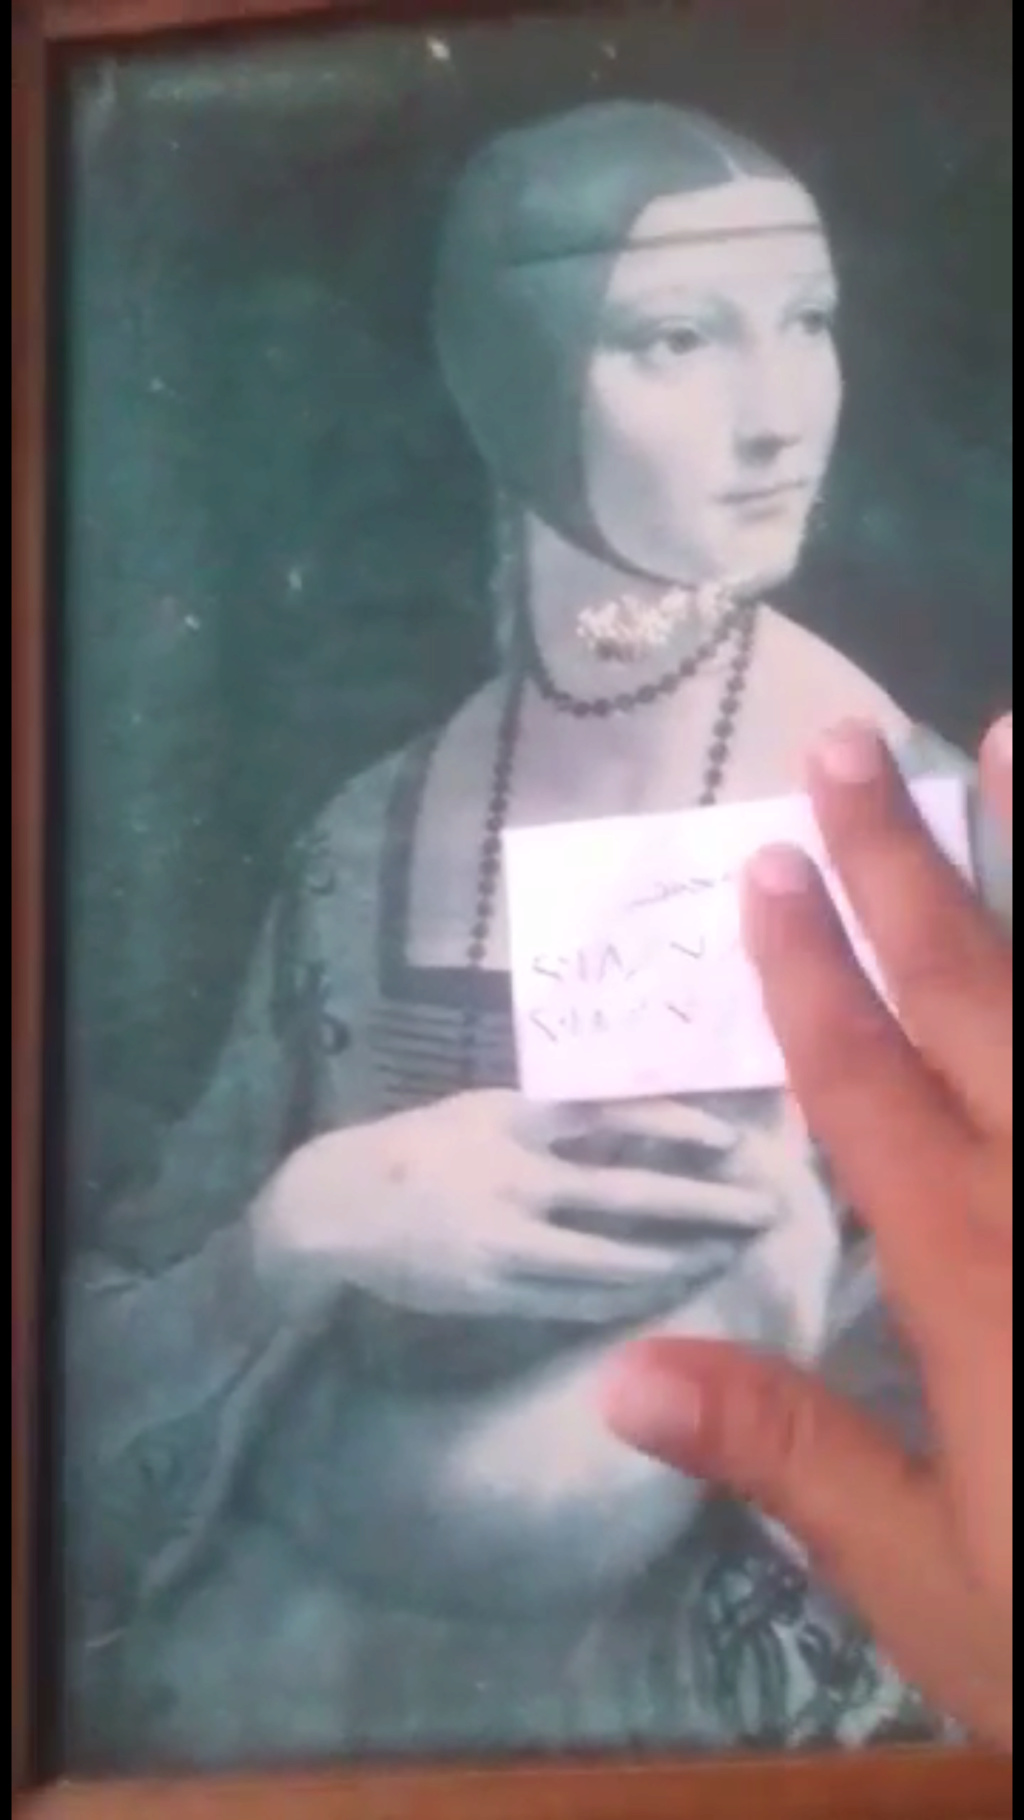 لوحة السيدة والقاقم ليوناردو دافنشي ١٤٩٠ للجادين فقط 4a593b10